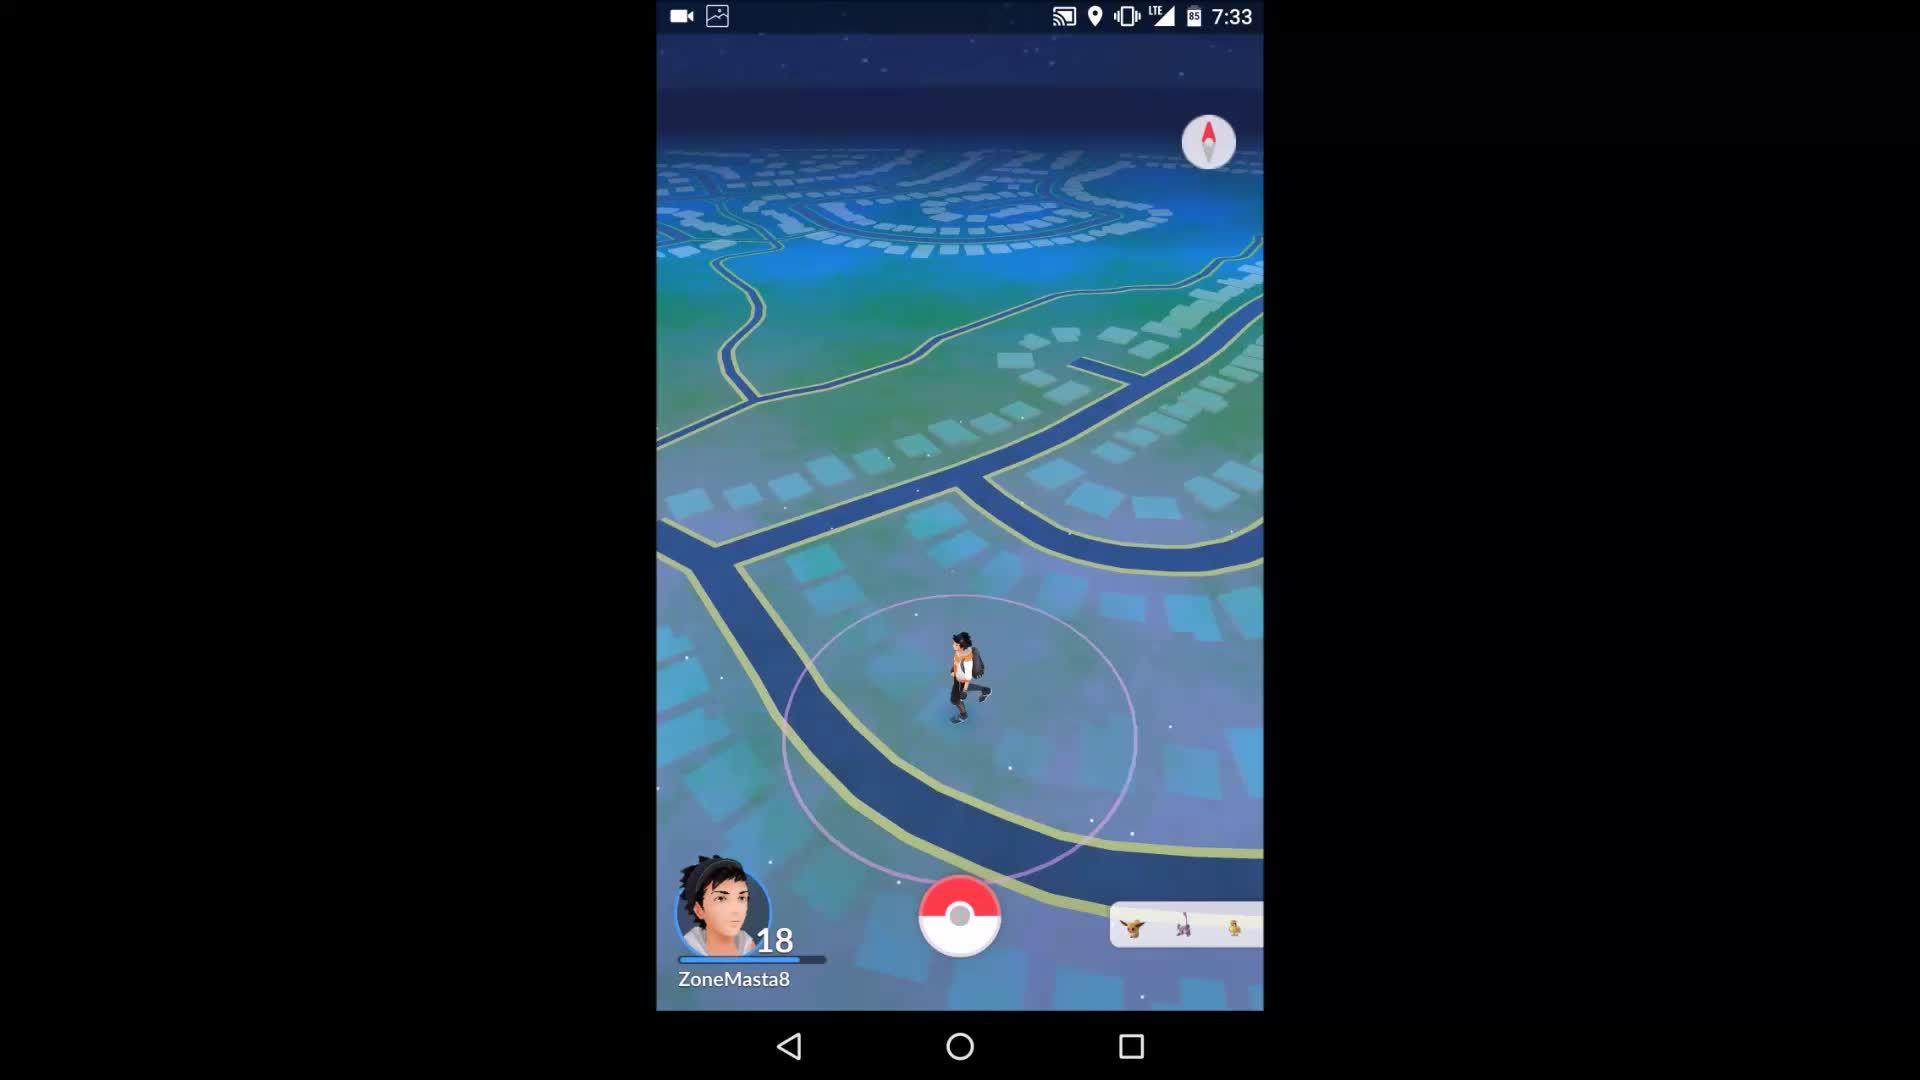 pokemongo, Another Pokemon go bug GIFs